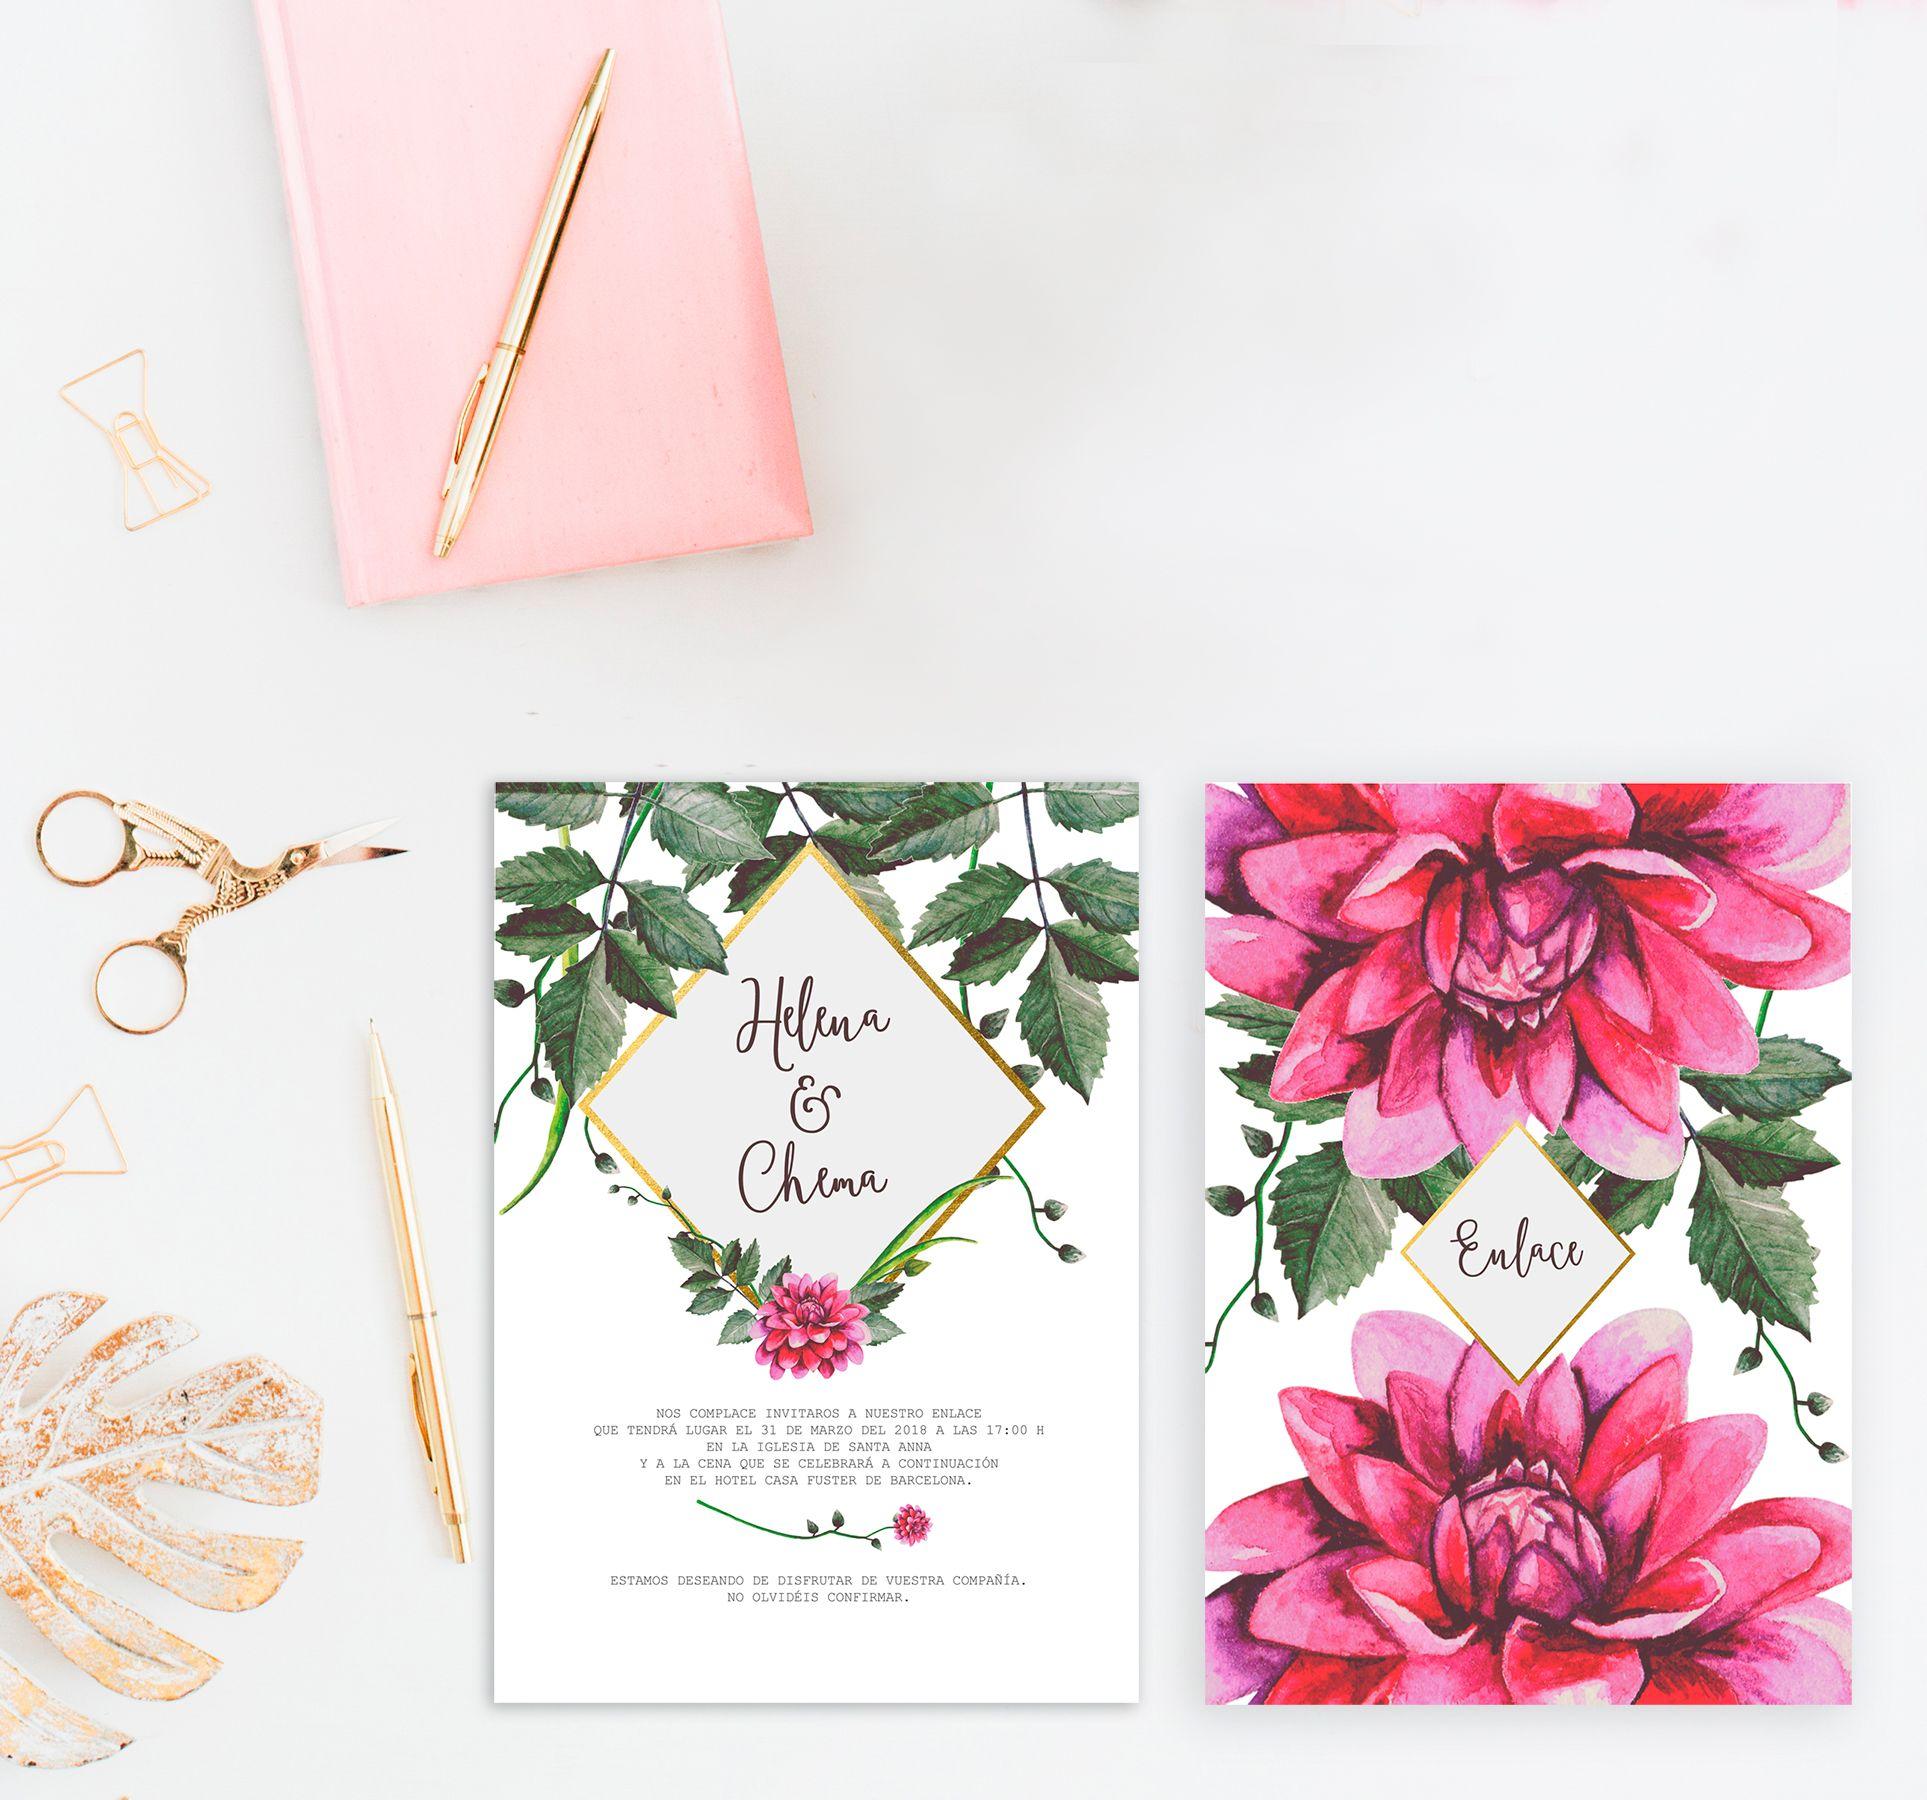 Invitación-de-boda-Perpetuina-3